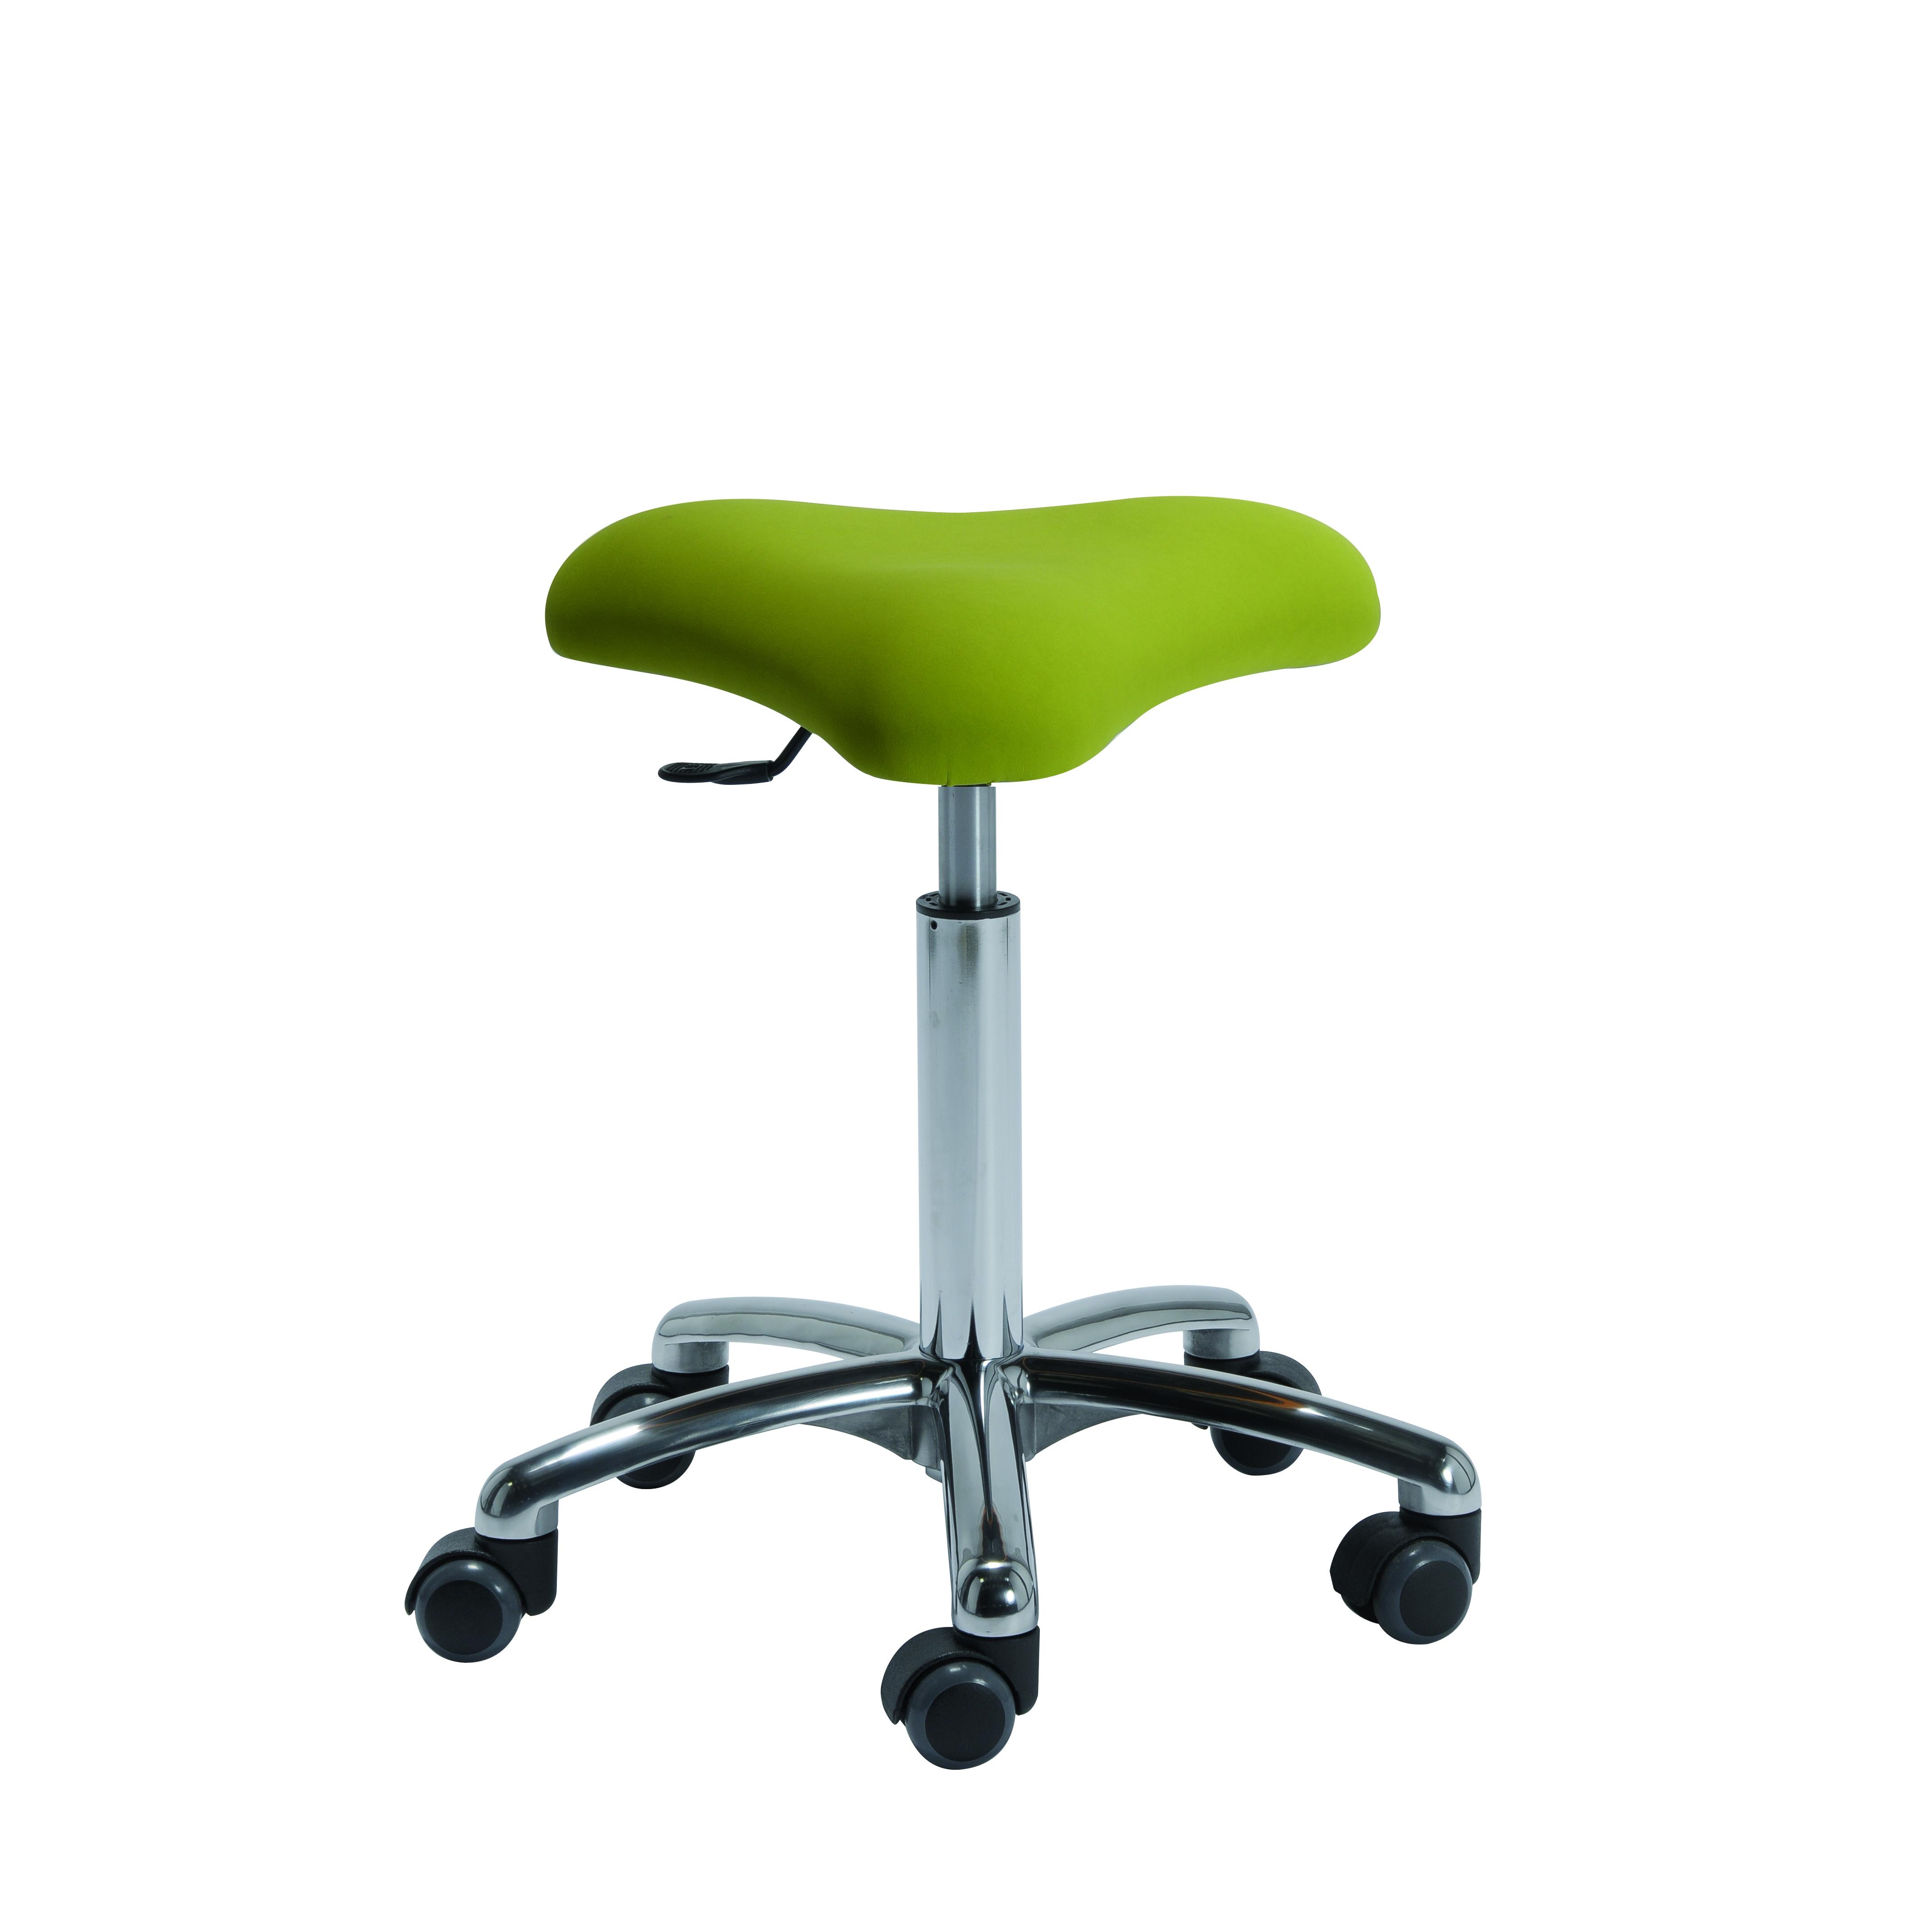 Le tabouret avec assise triangulaire THONON de siegepro.com conçu et fabriqué en France est une alternative originale à la selle de cheval